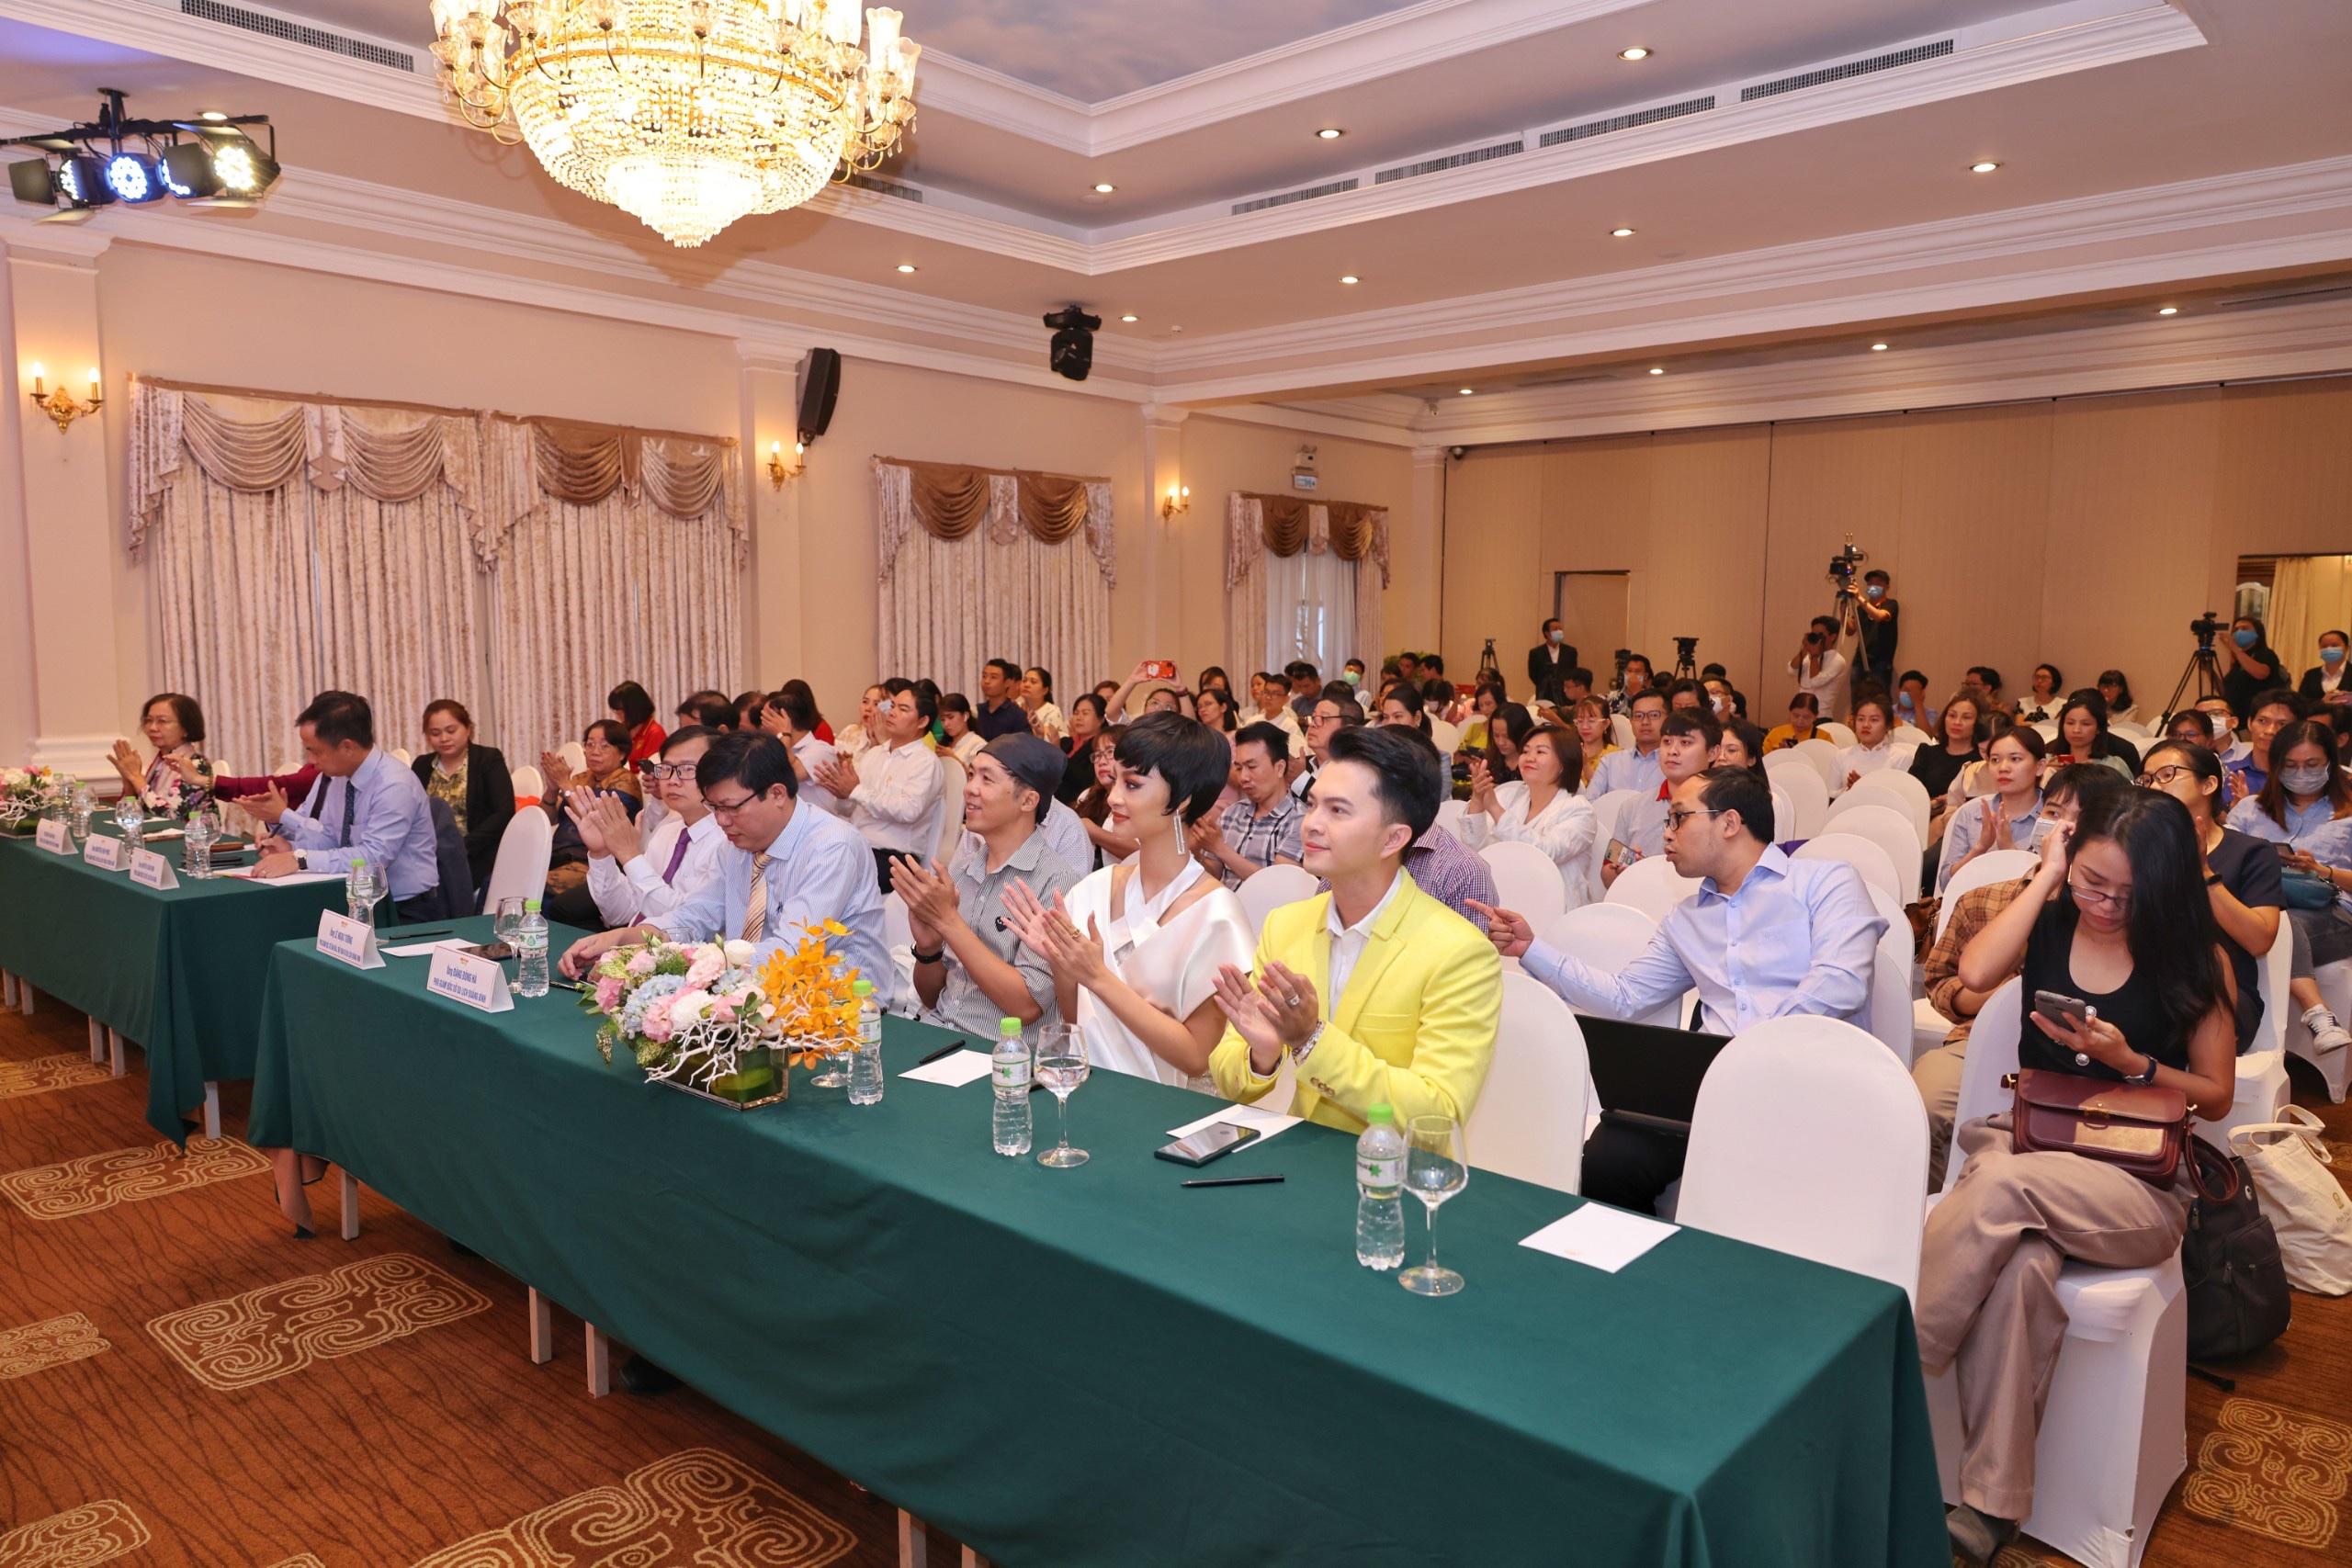 """Giới thiệu Chương trình """"Miền di sản diệu kì"""" tại Tp. Hồ Chí Minh"""